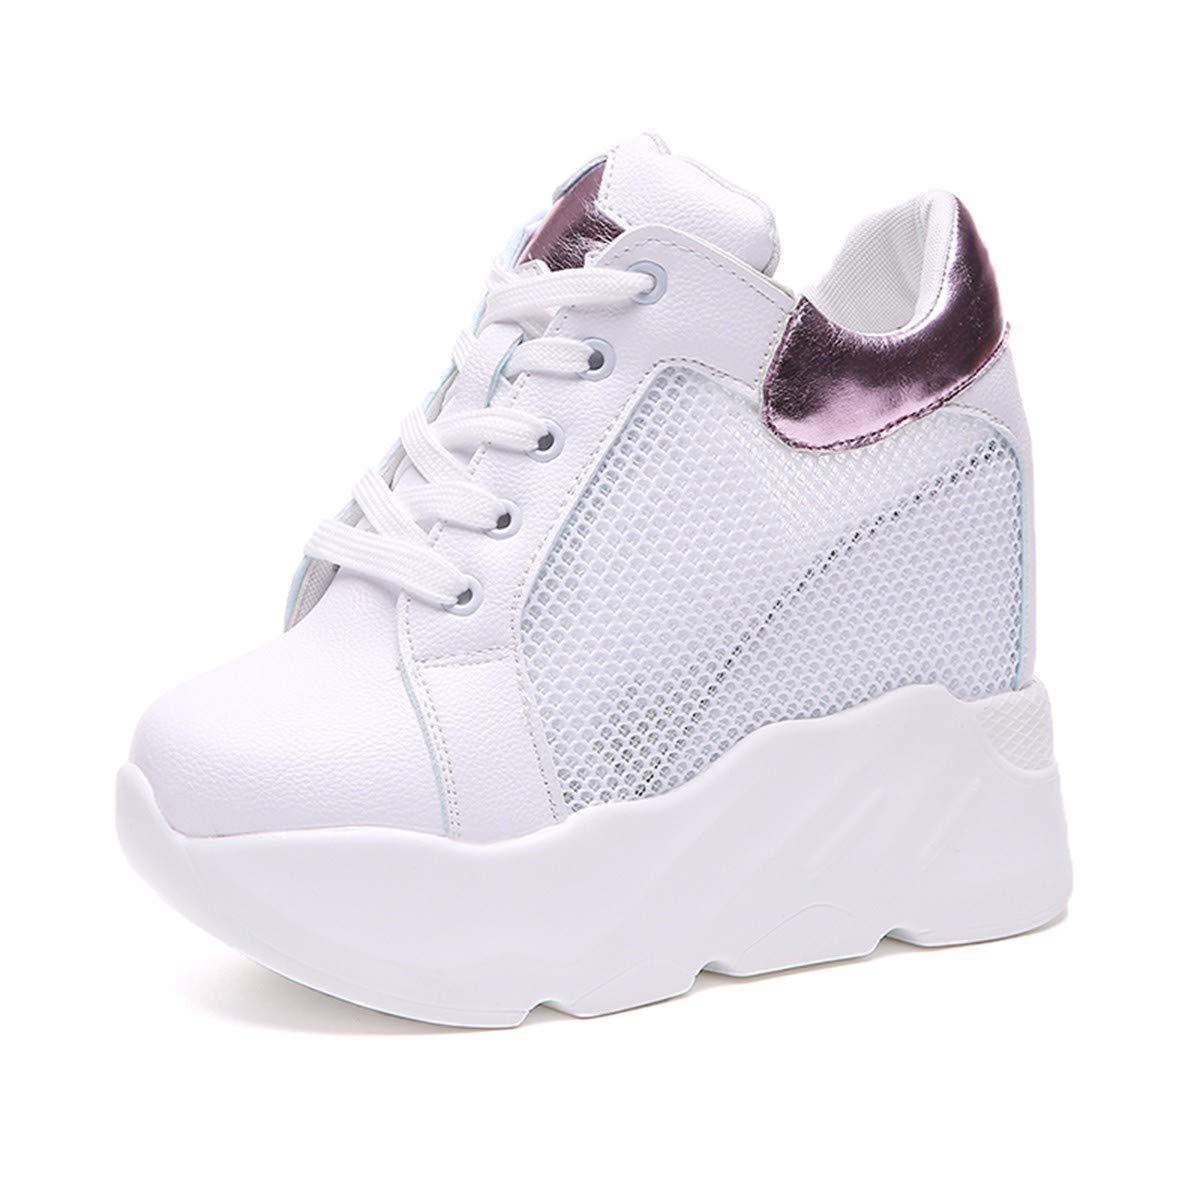 GTVERNH Damenschuhe/Mode/12Cm Hochgesprengte Damenschuhe Ausgehöhlten Atmungsaktives Mesh Schuhe Kuchen Casual Schuhen Im Frühling und Sommer Piste Schuhe Gestiegen